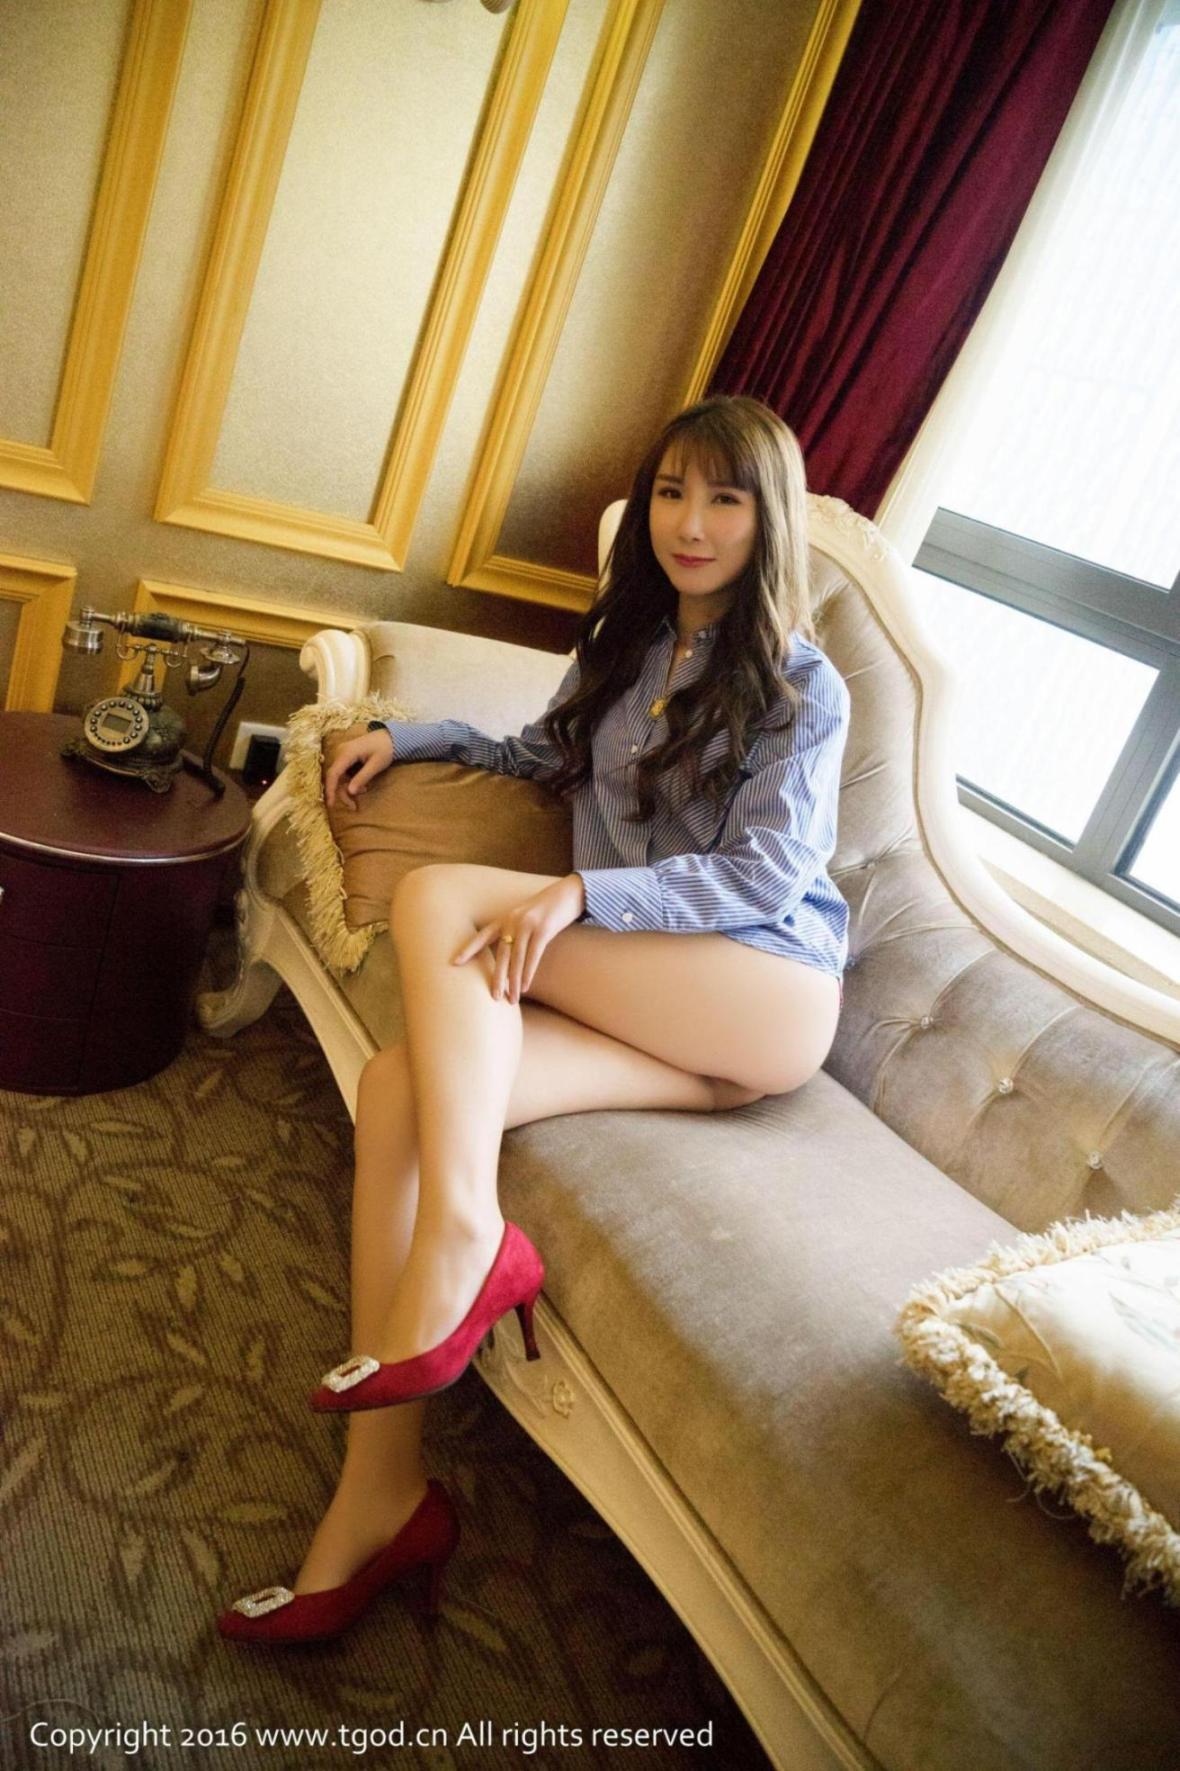 [爱蜜社] 陈天扬 含蓄柔软、软嫩迷人身材 高清写真套图